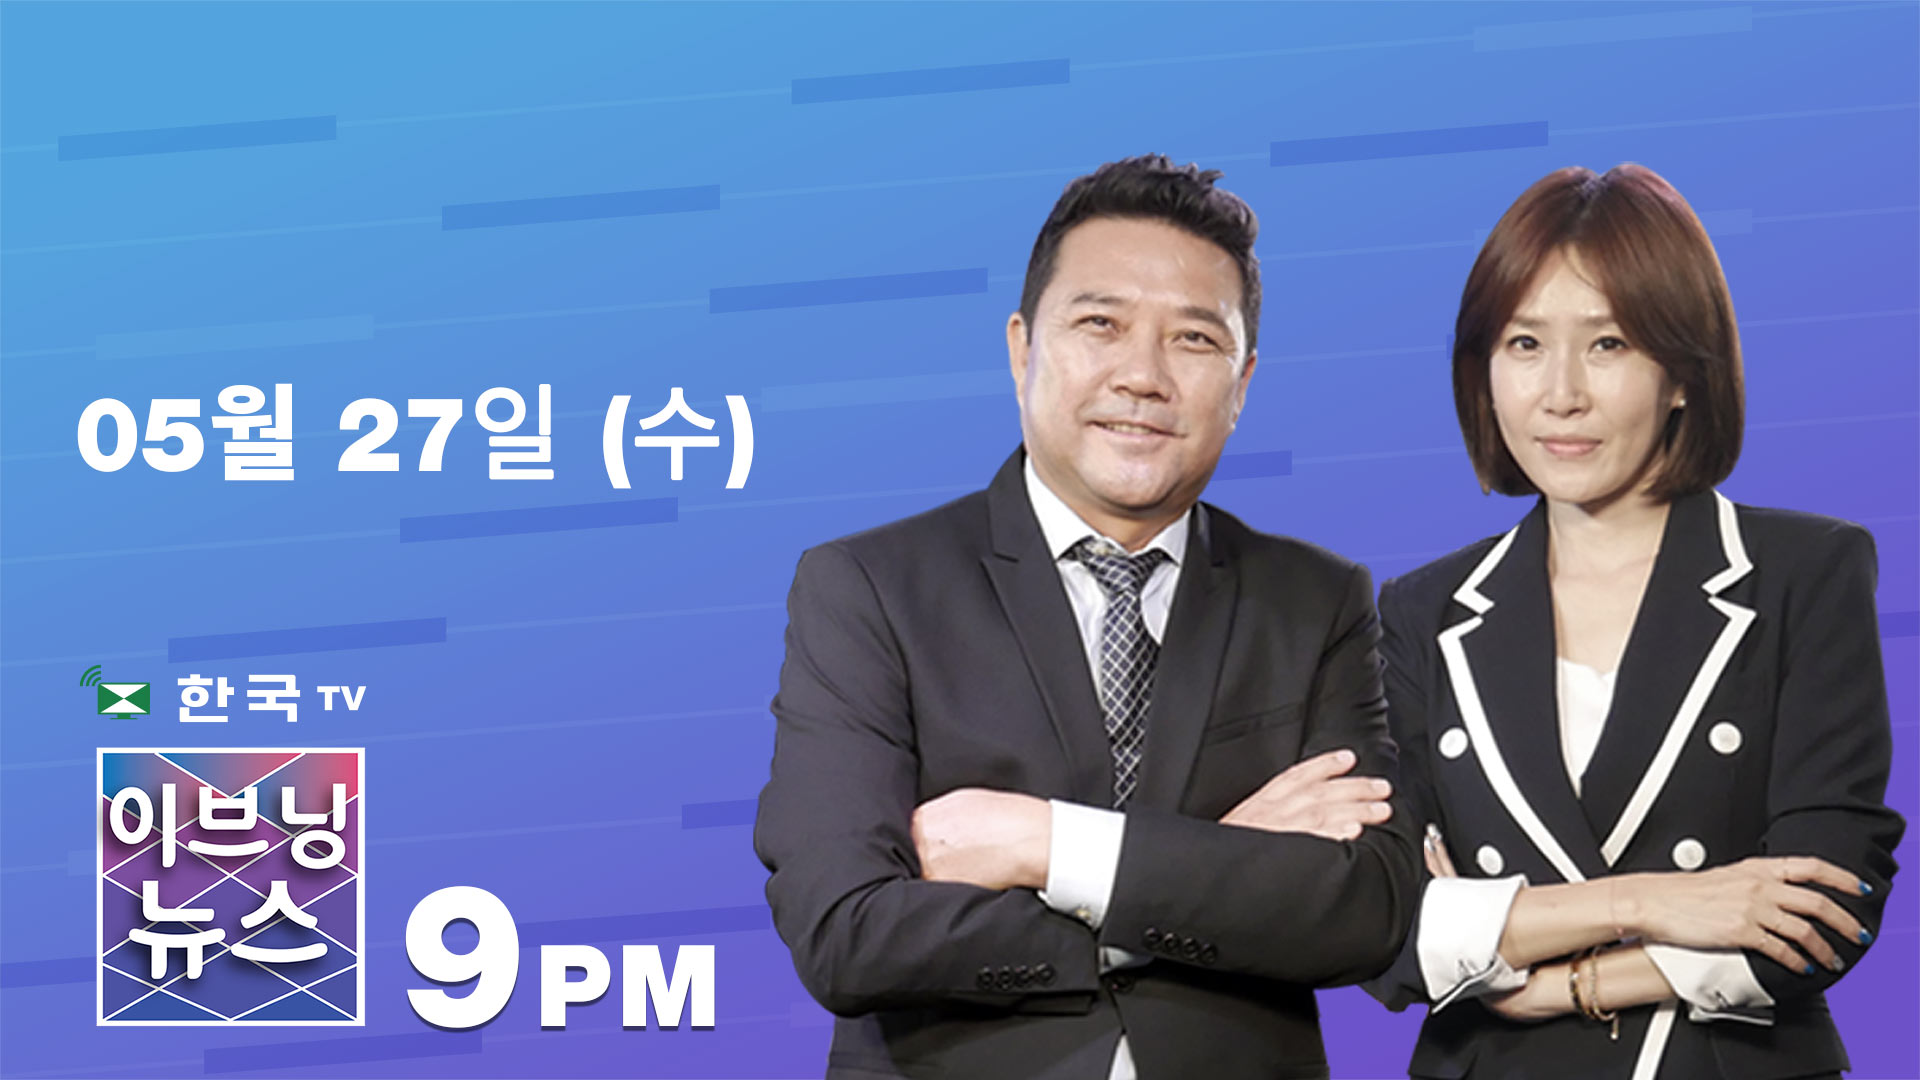 (05.27.2020) 한국TV 이브닝 뉴스